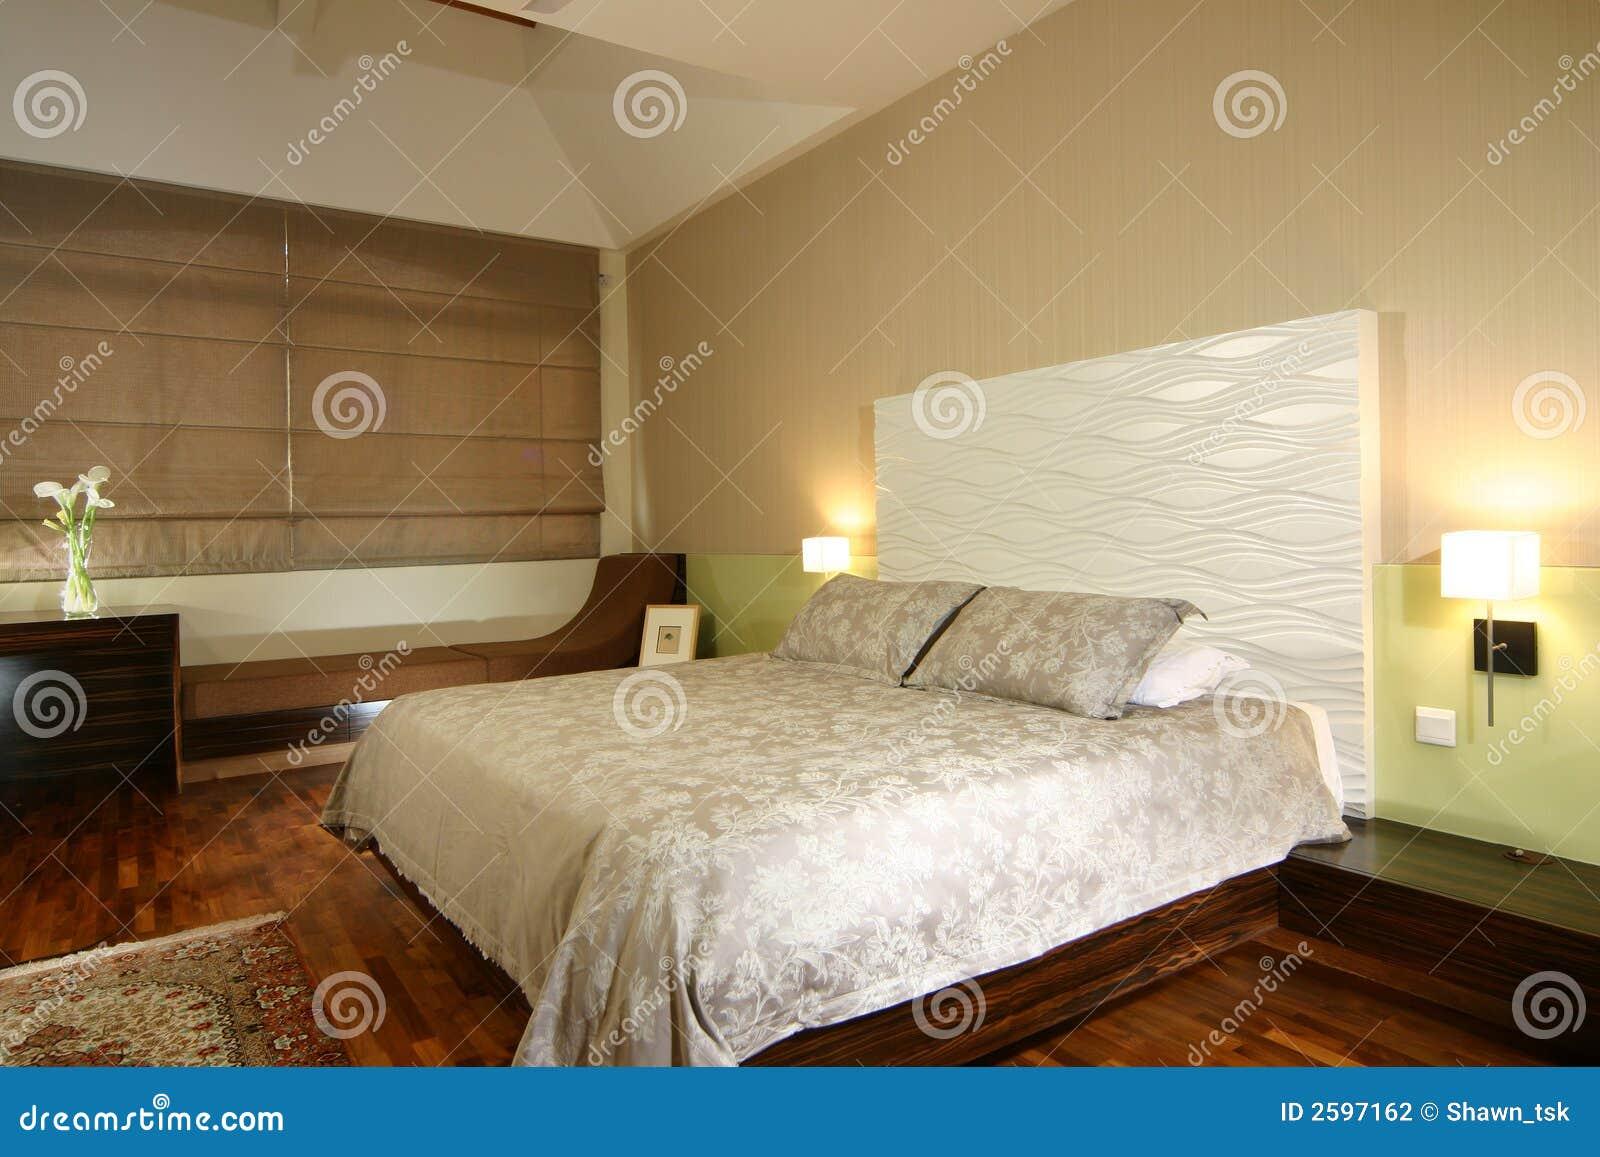 Innenarchitektur schlafzimmer stockfotografie bild 2597162